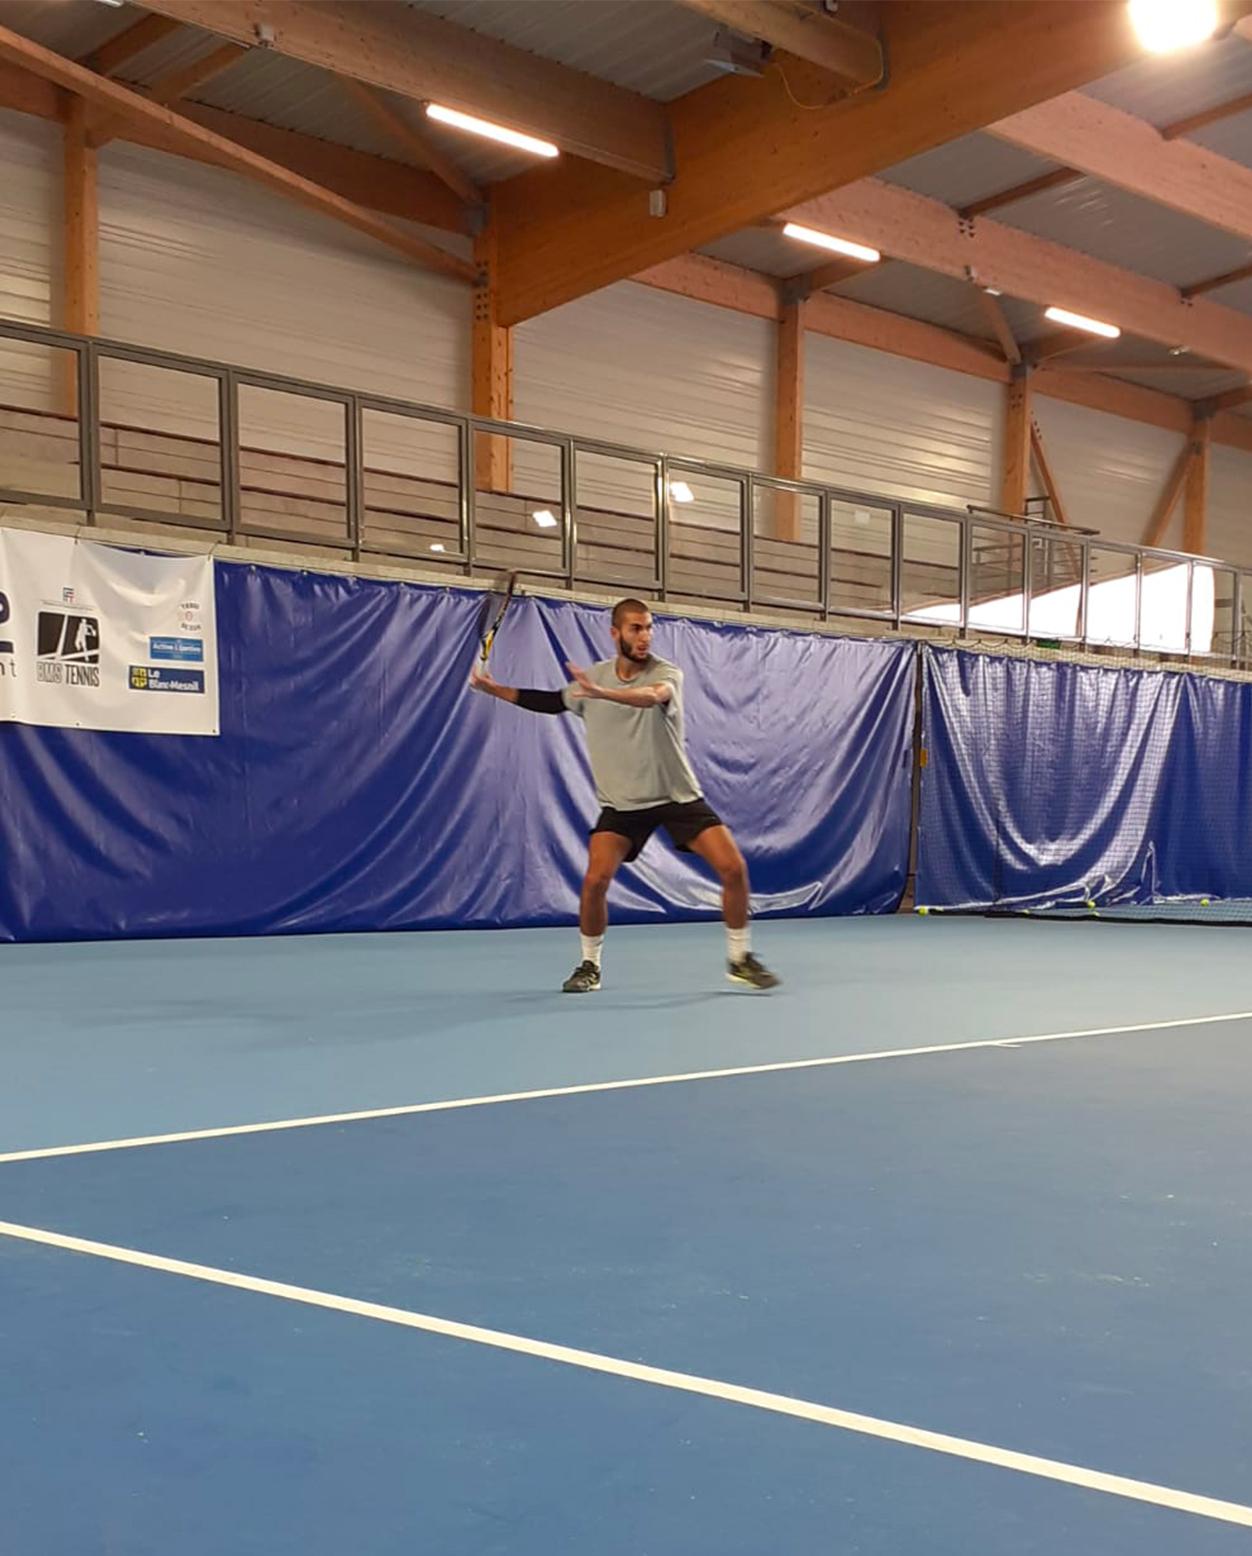 https://www.team-bms-tennis.fr/wp-content/uploads/2020/09/Valentin-De-Carvalho-.jpg